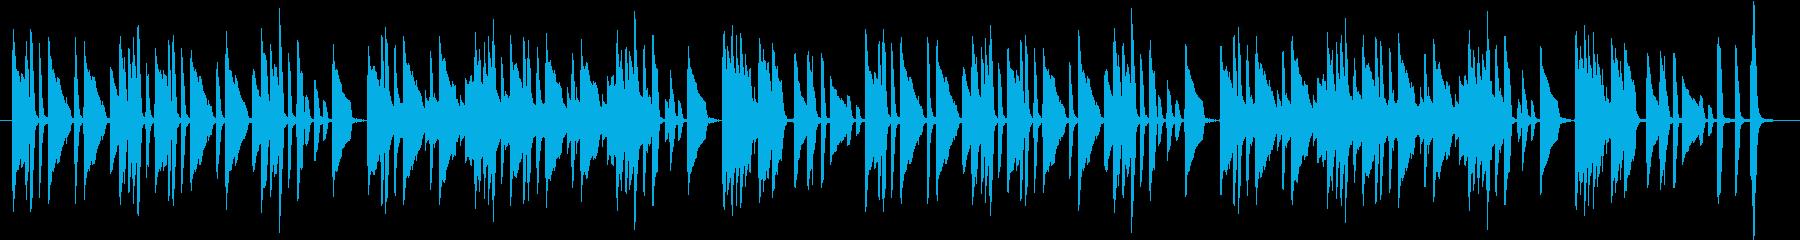 ピアノの練習曲っぽいBGMの再生済みの波形